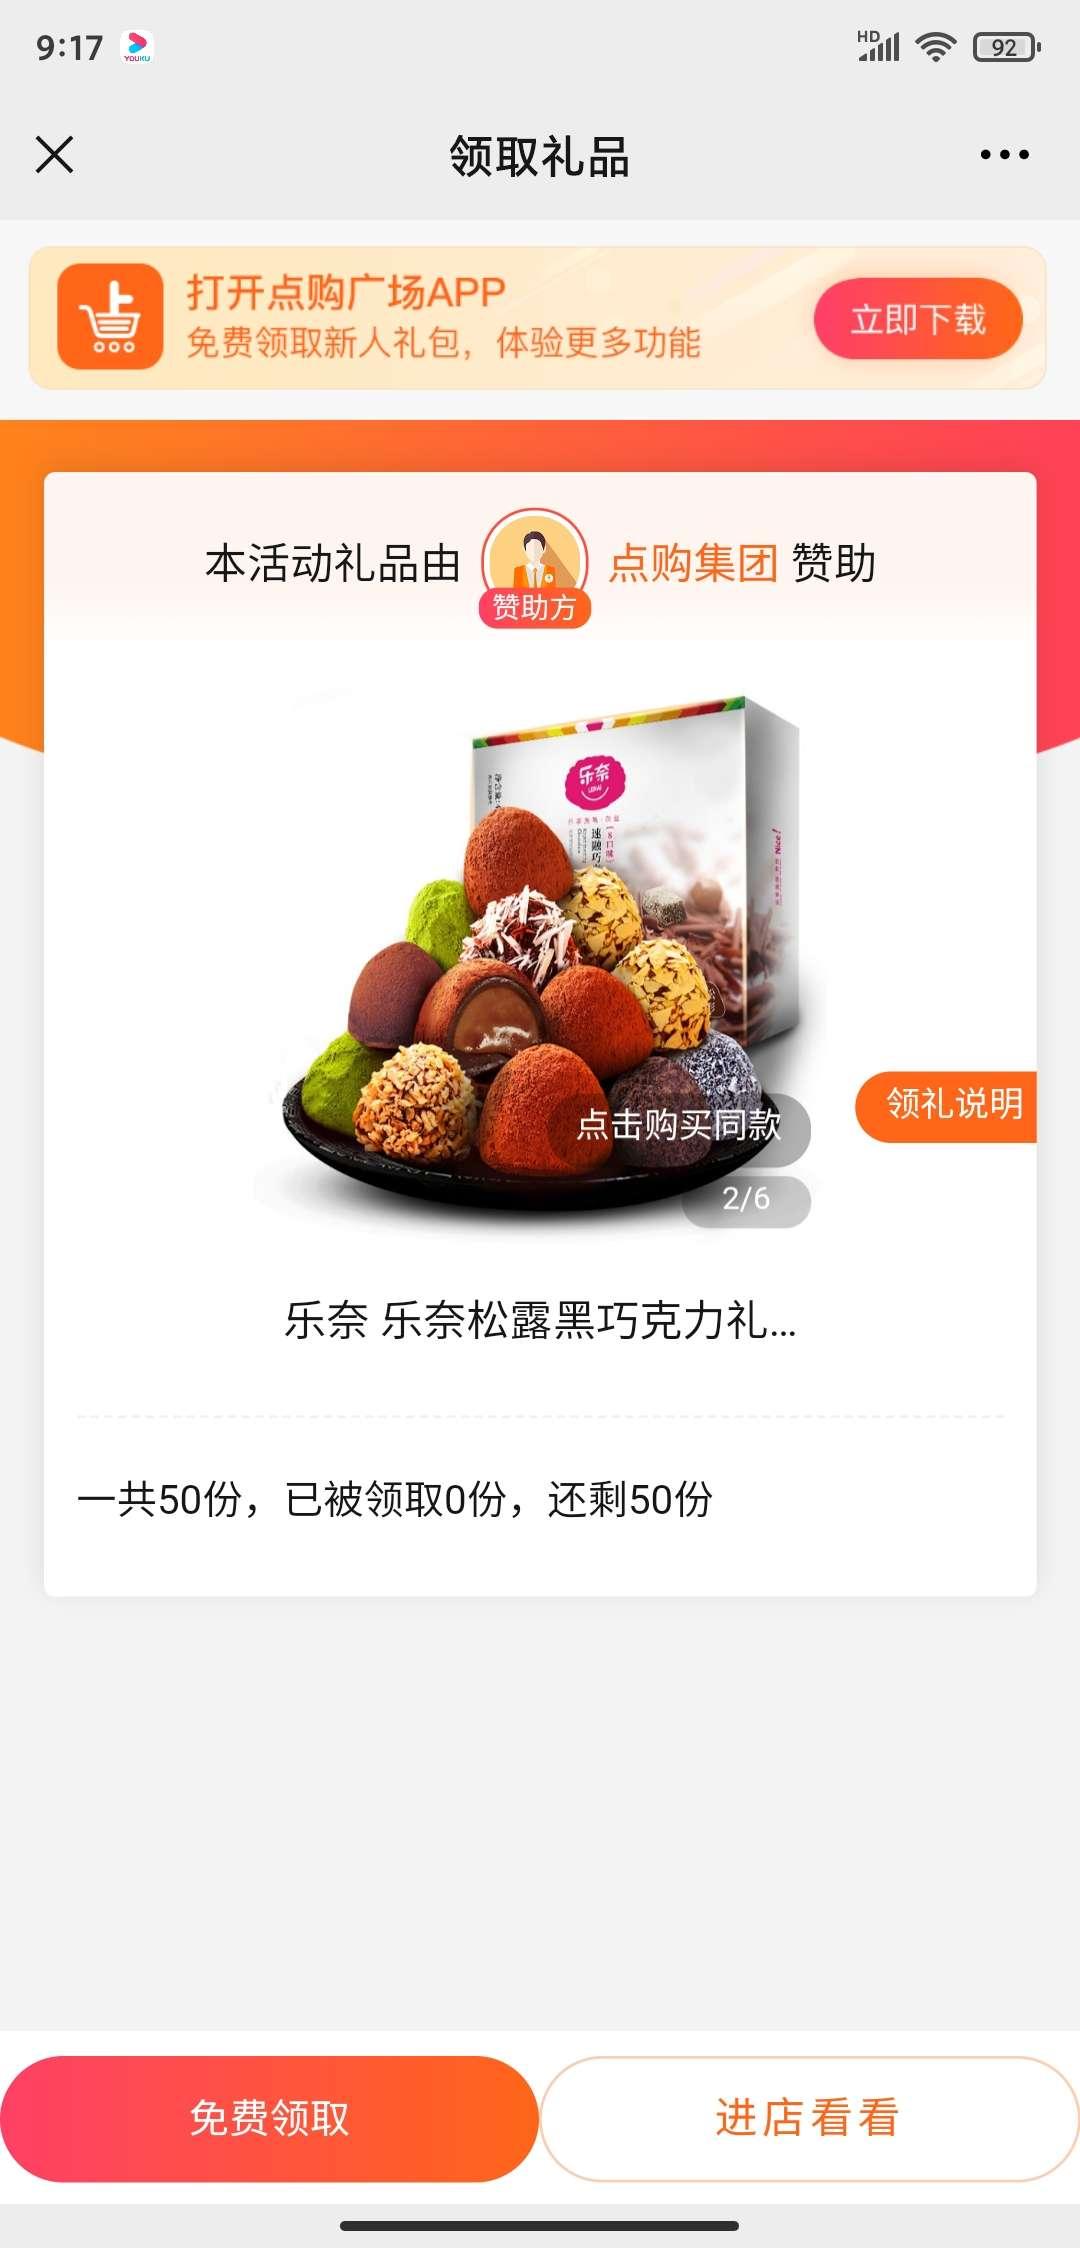 点购广场app新用户领乐奈巧克力礼盒